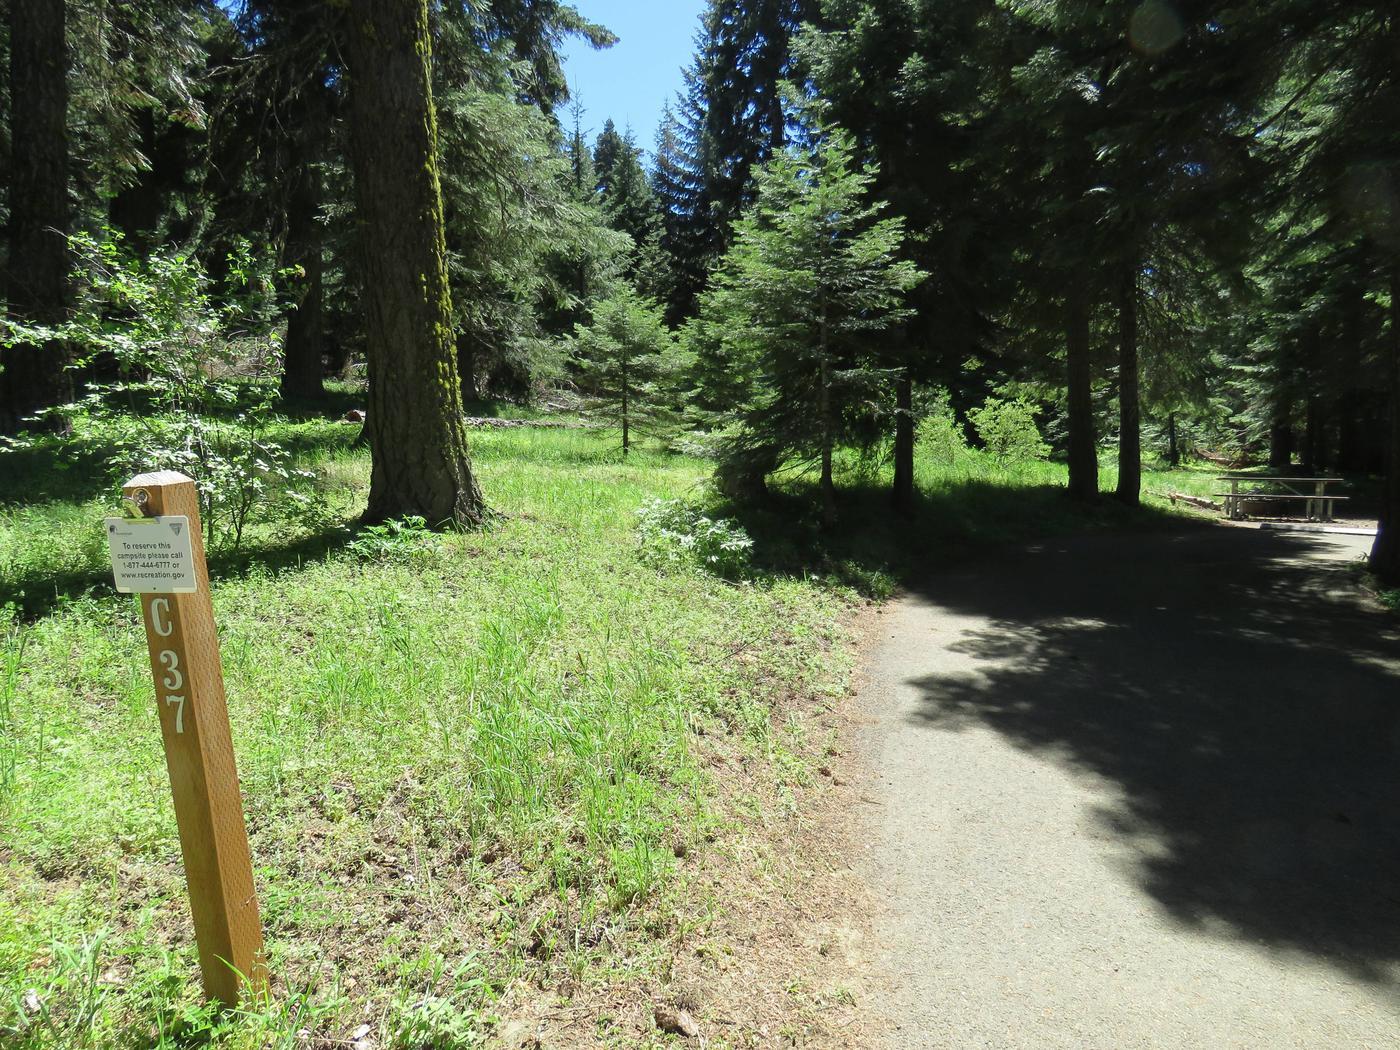 Hyatt Lake Recreation AreaHyatt Campground Campsite